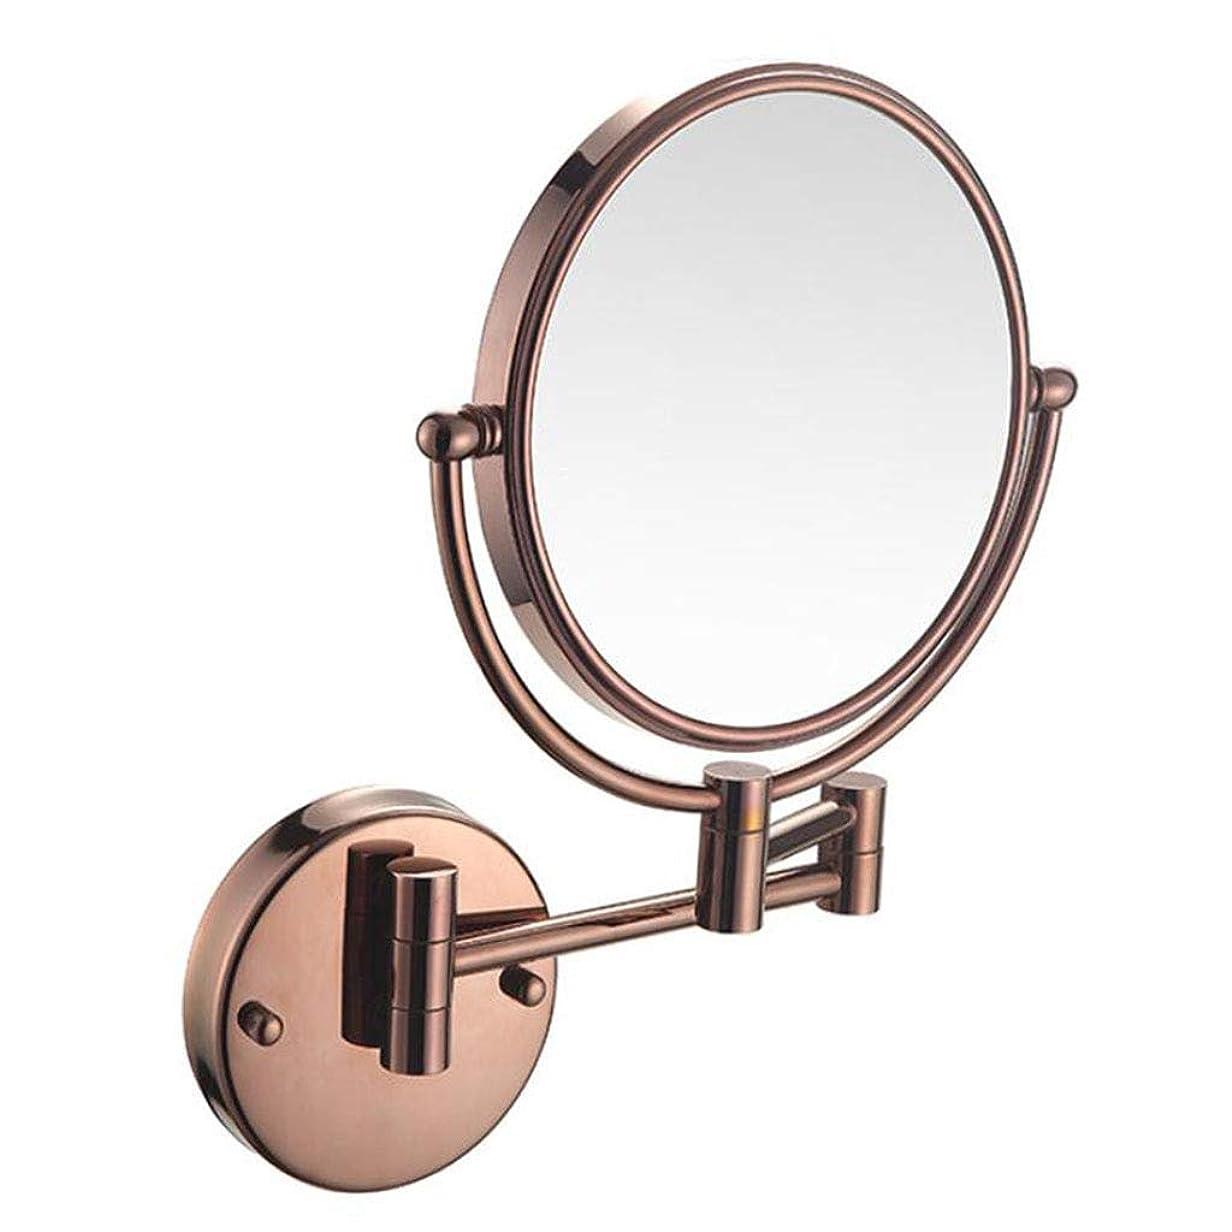 ロールに慣れそれらHUYYA シェービングミラー 壁付、8インチ バスルームメイクアップミラー 丸め 360度回転 バニティミラー 両面 化粧鏡 折りたたみ 寝室や浴室に適しています,Rose gold_7x